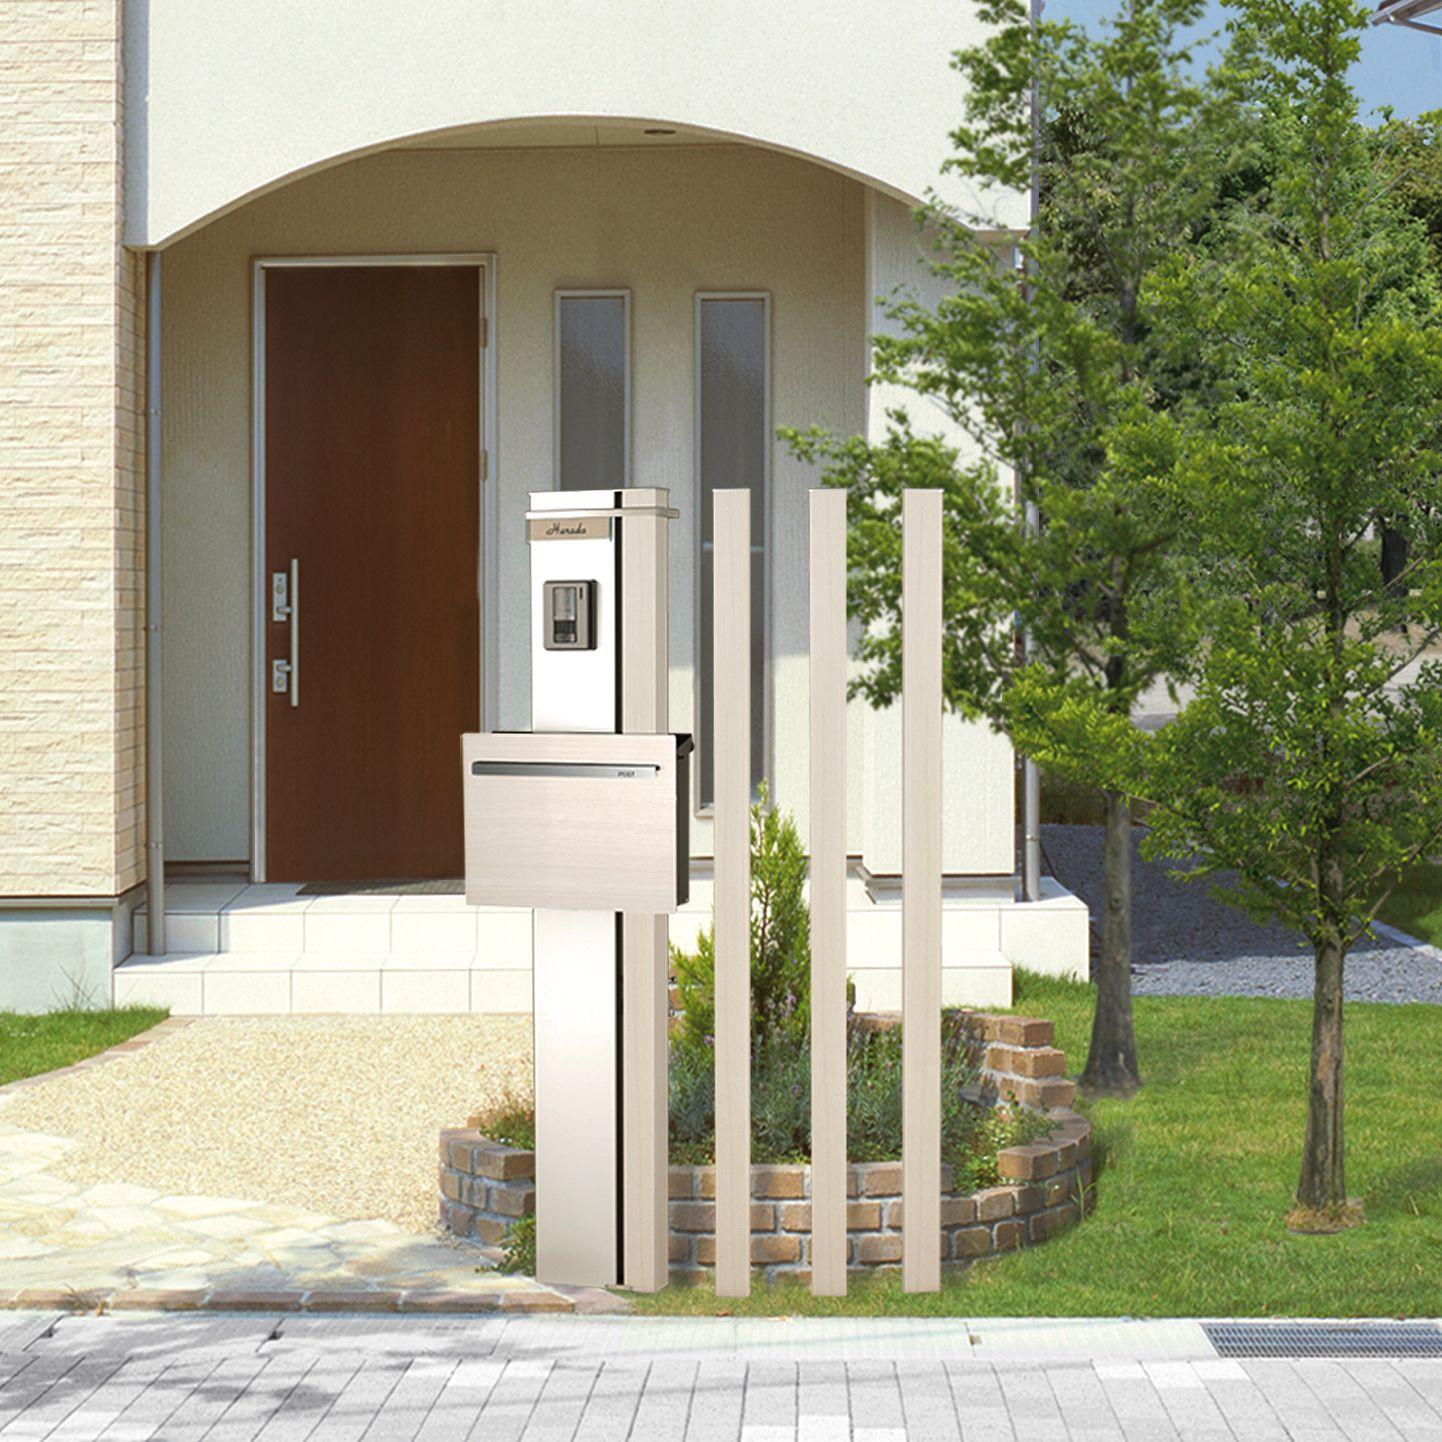 オプションの柱との組み合わで多彩なレイアウトが可能な アルミ機能